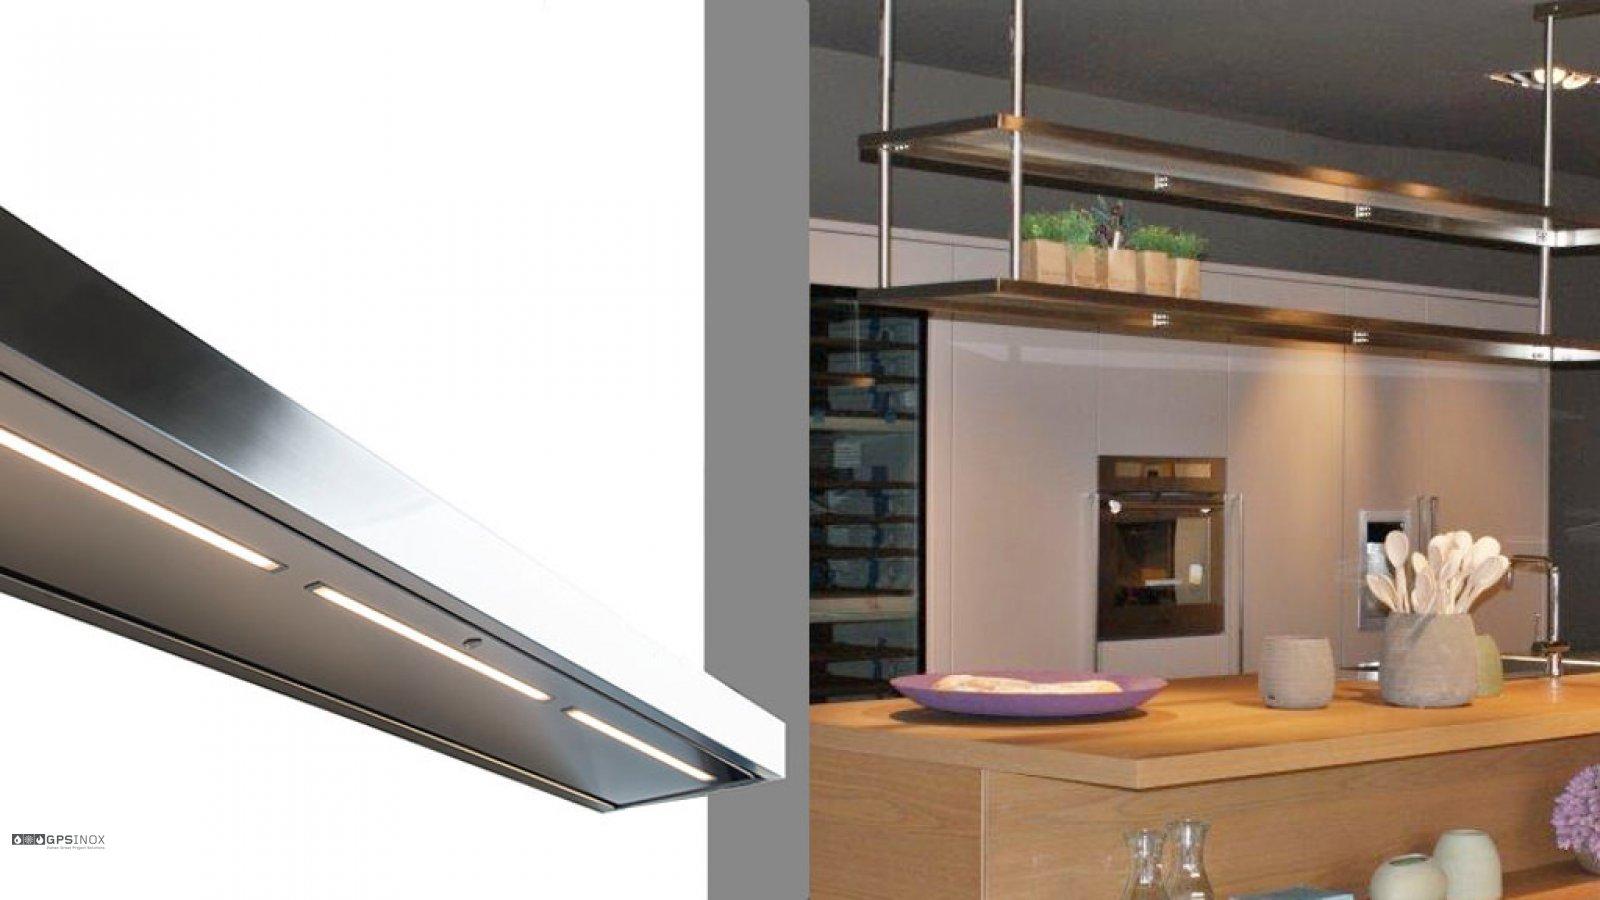 Gps inox articolo - Mensole cucina design ...